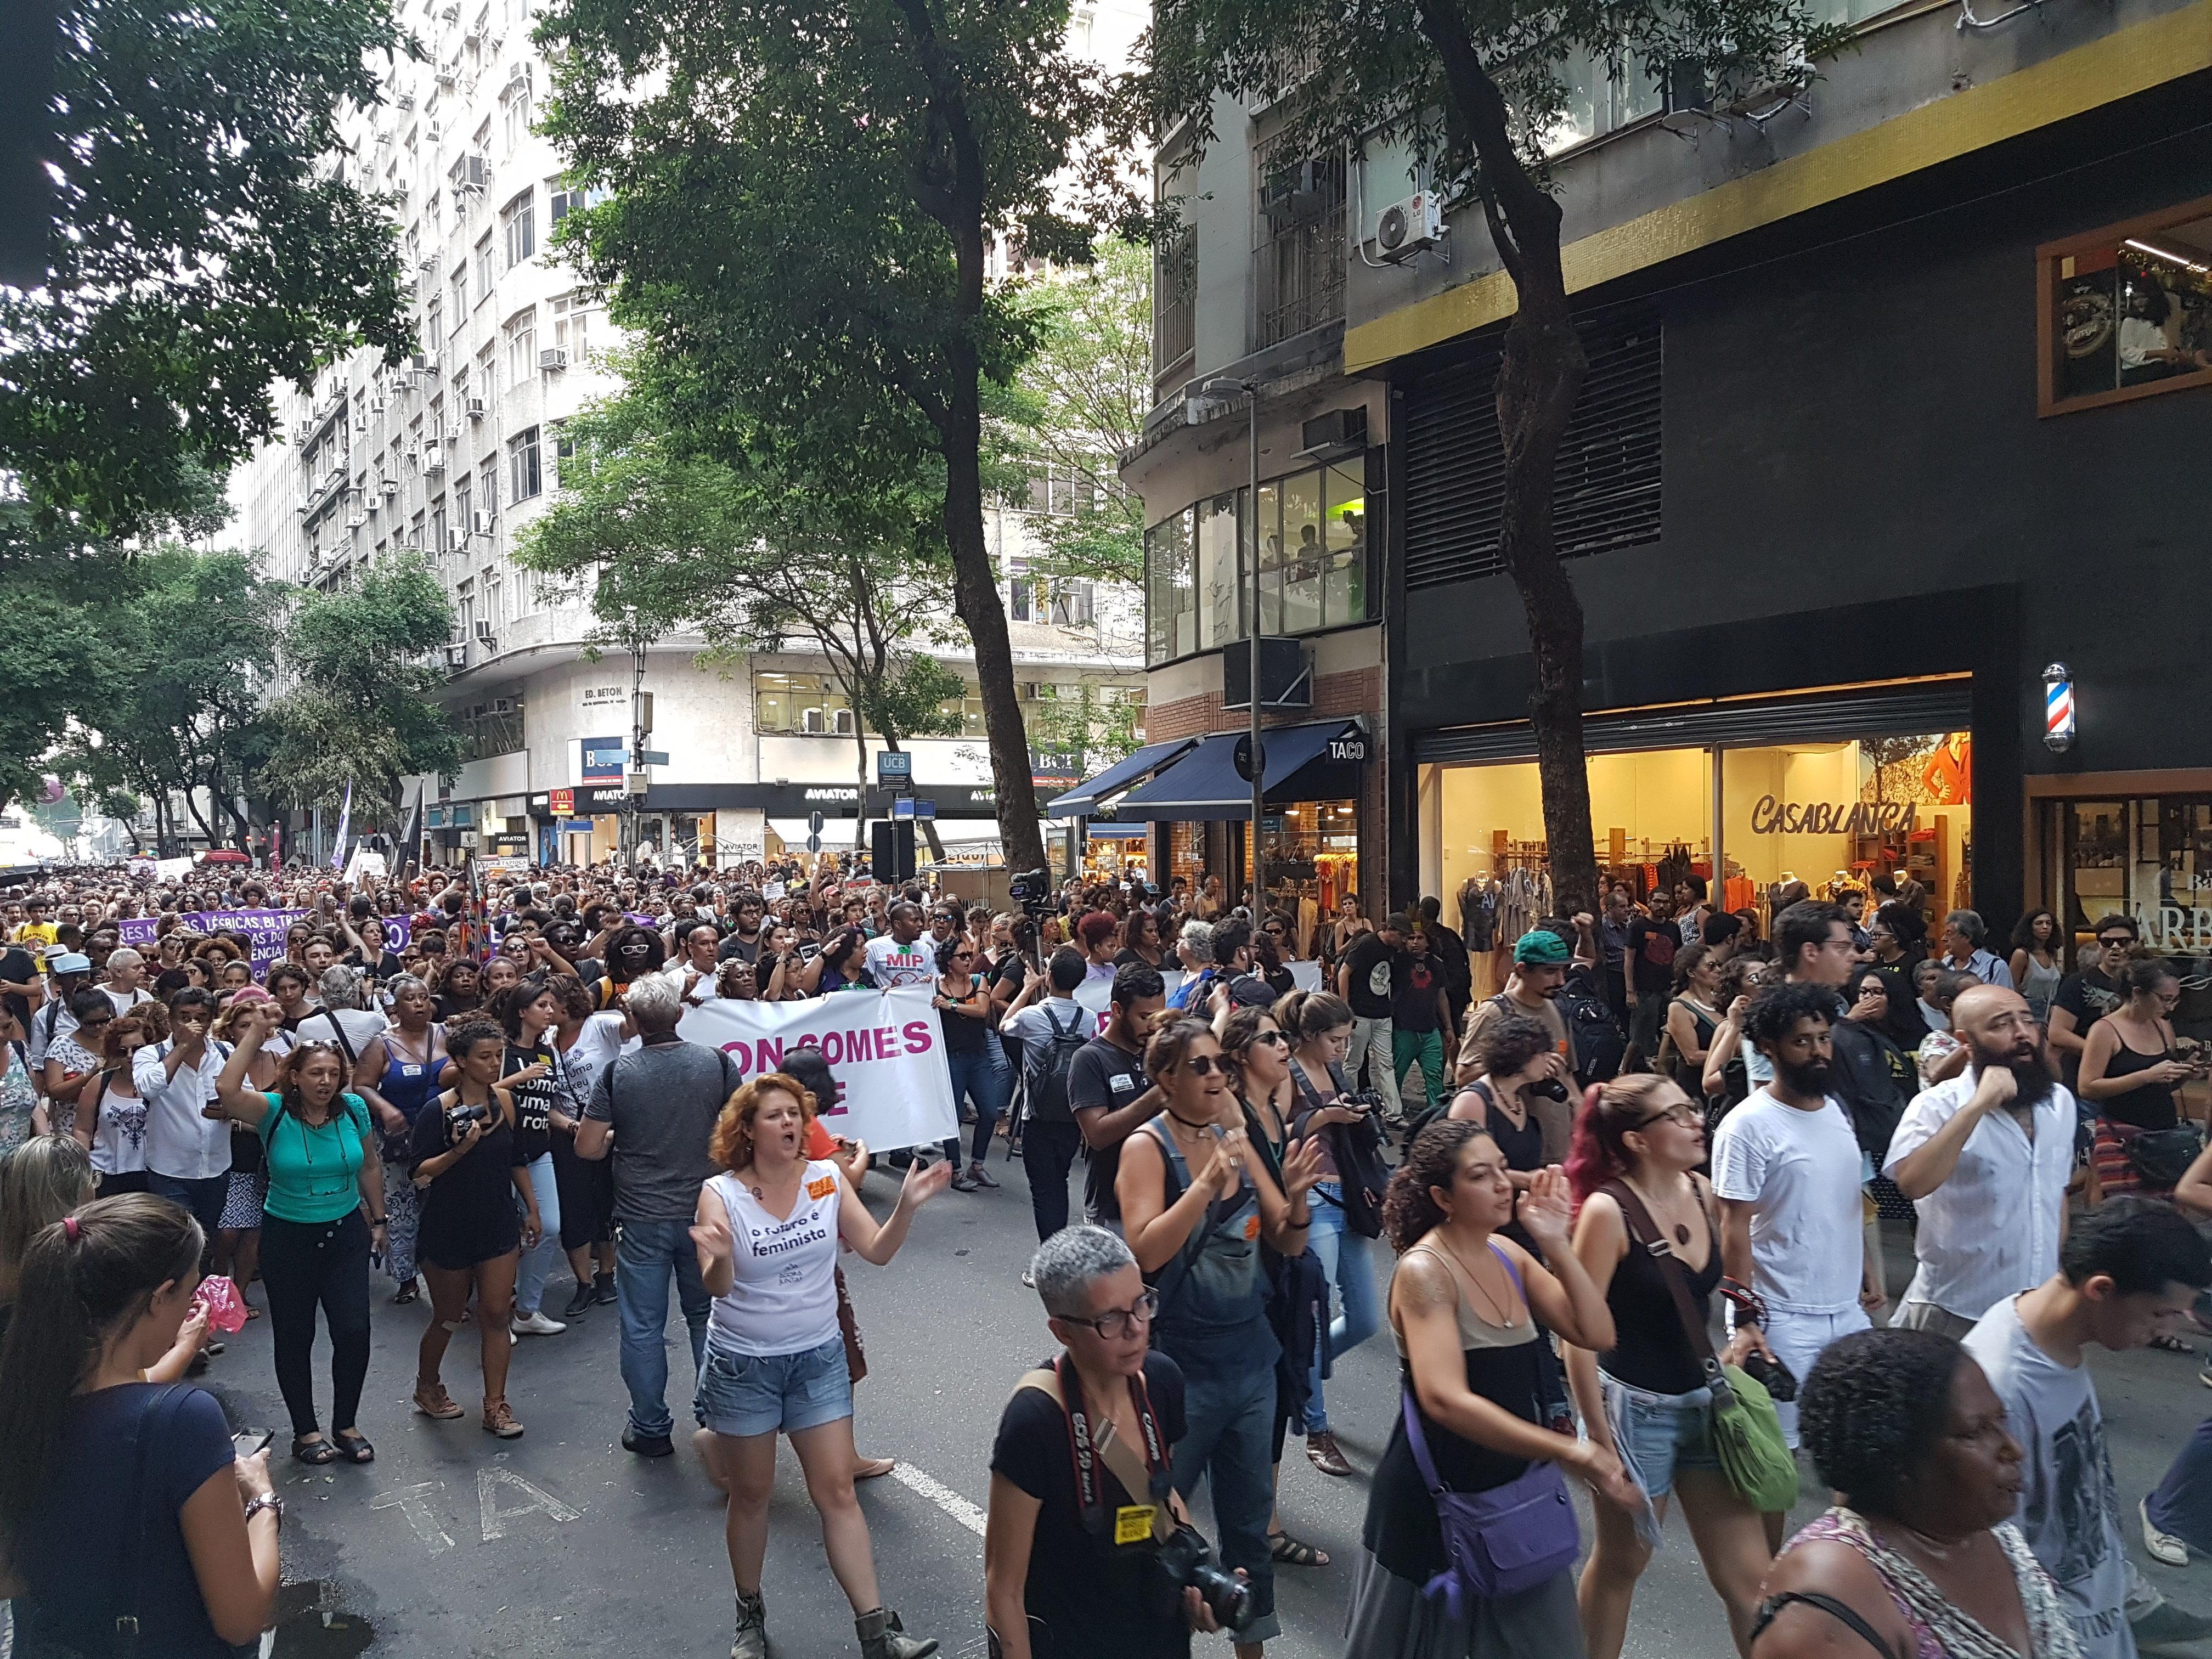 Vigília por Marielle Franco, vereadora do PSOL assassinada a tiros no Rio de Janeiro, reúne milhares de pessoas no centro da cidade.